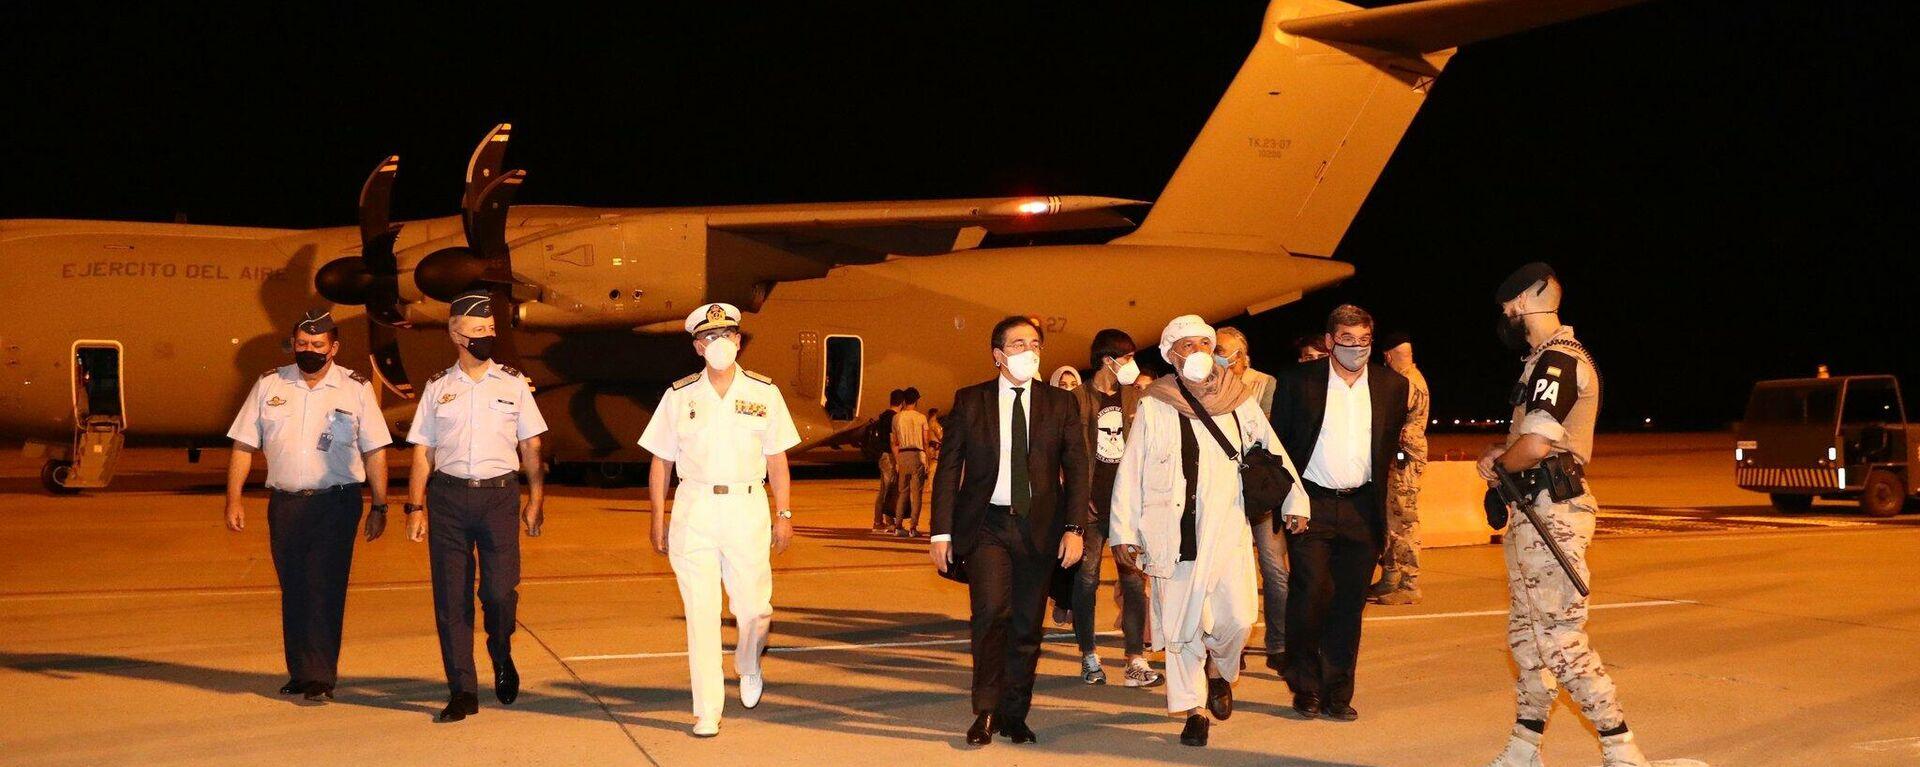 Primer grupo de repatriados españoles llega desde Afganistán la base aérea de Torrejón, el 19 de agosto del 2021 - Sputnik Mundo, 1920, 19.08.2021